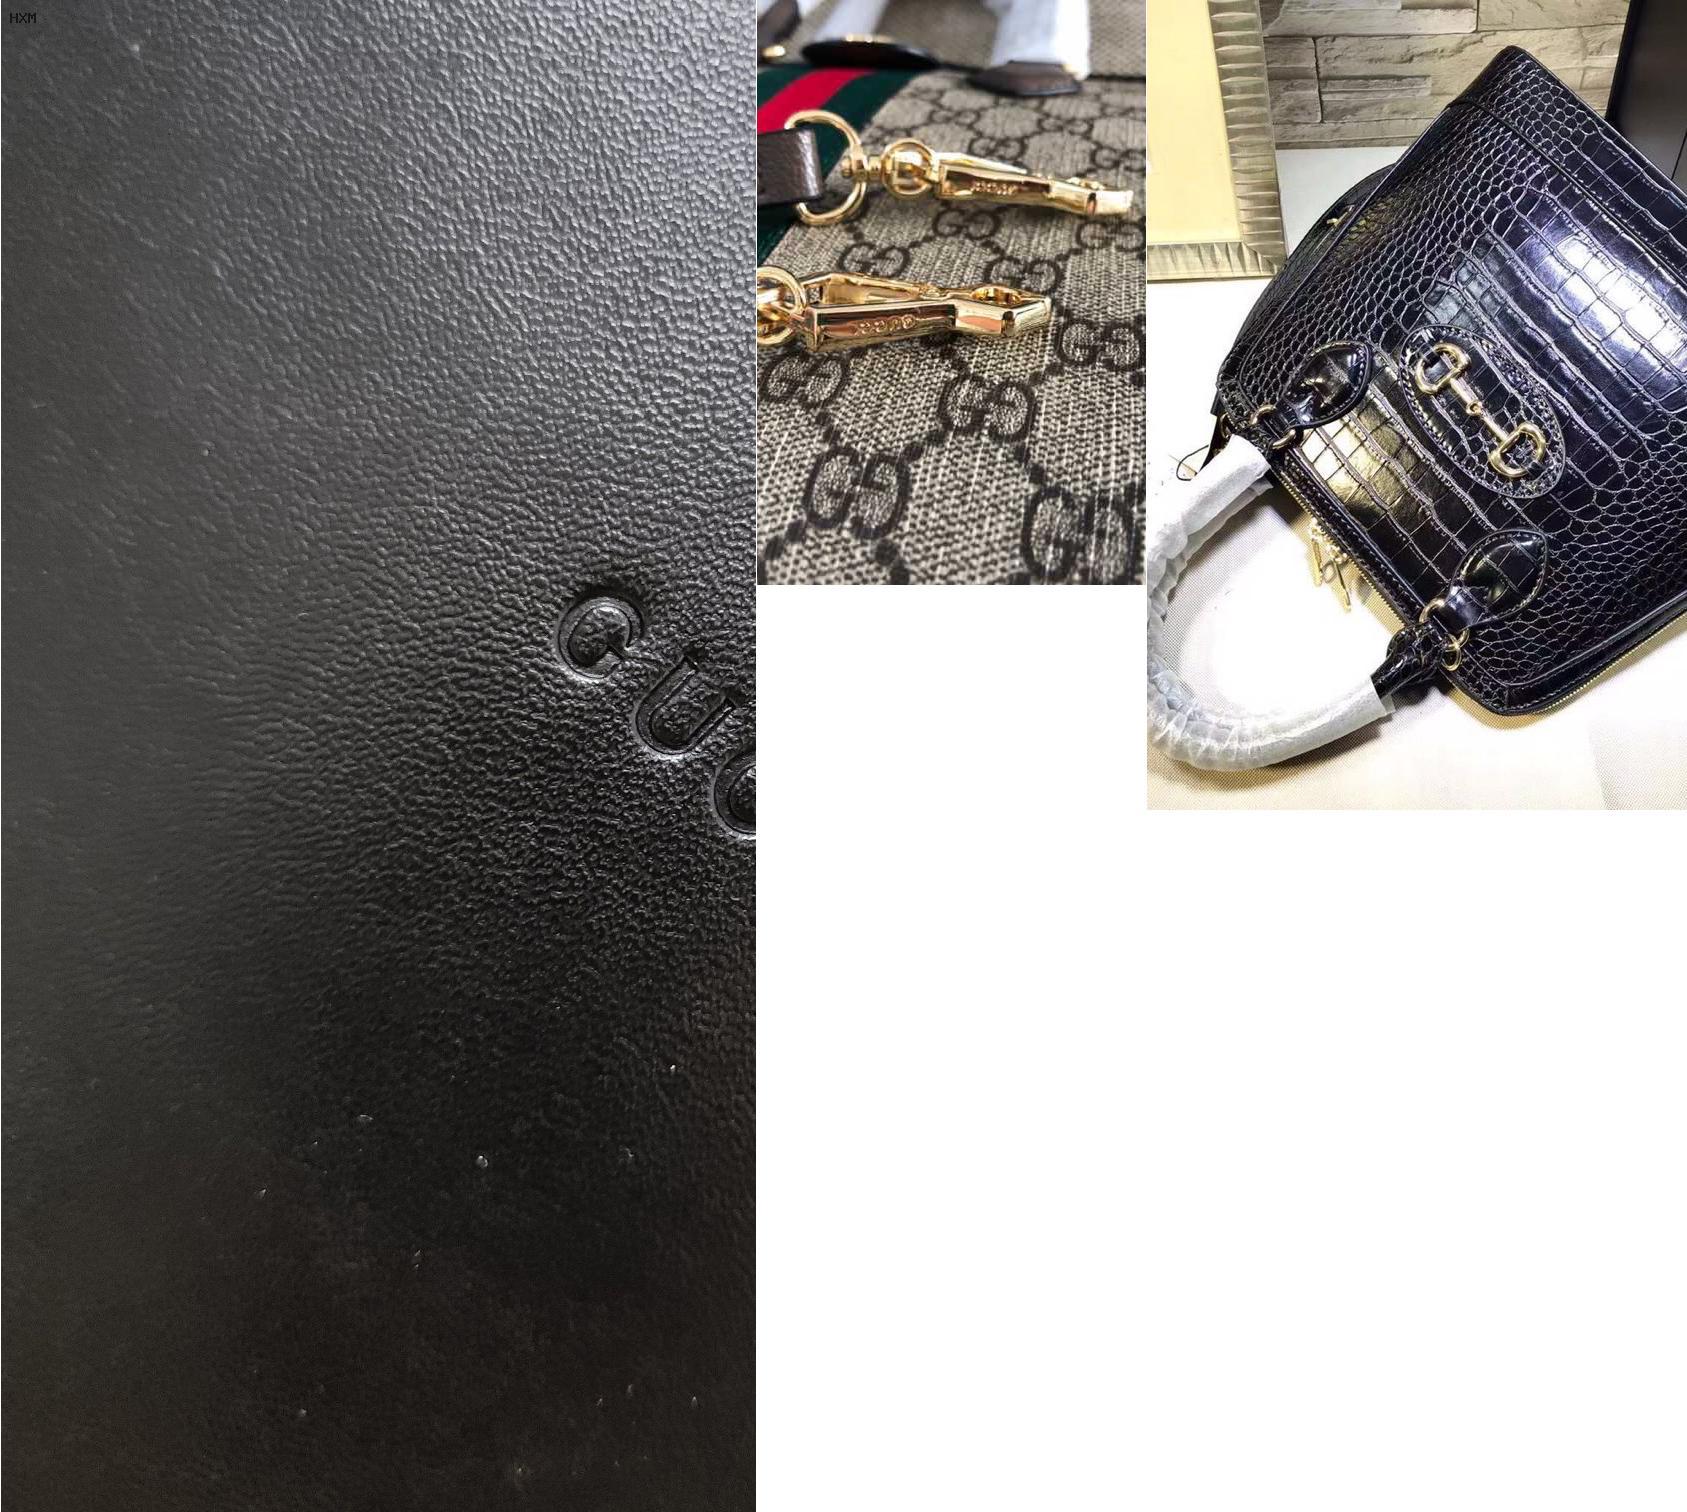 borse originali gucci usate